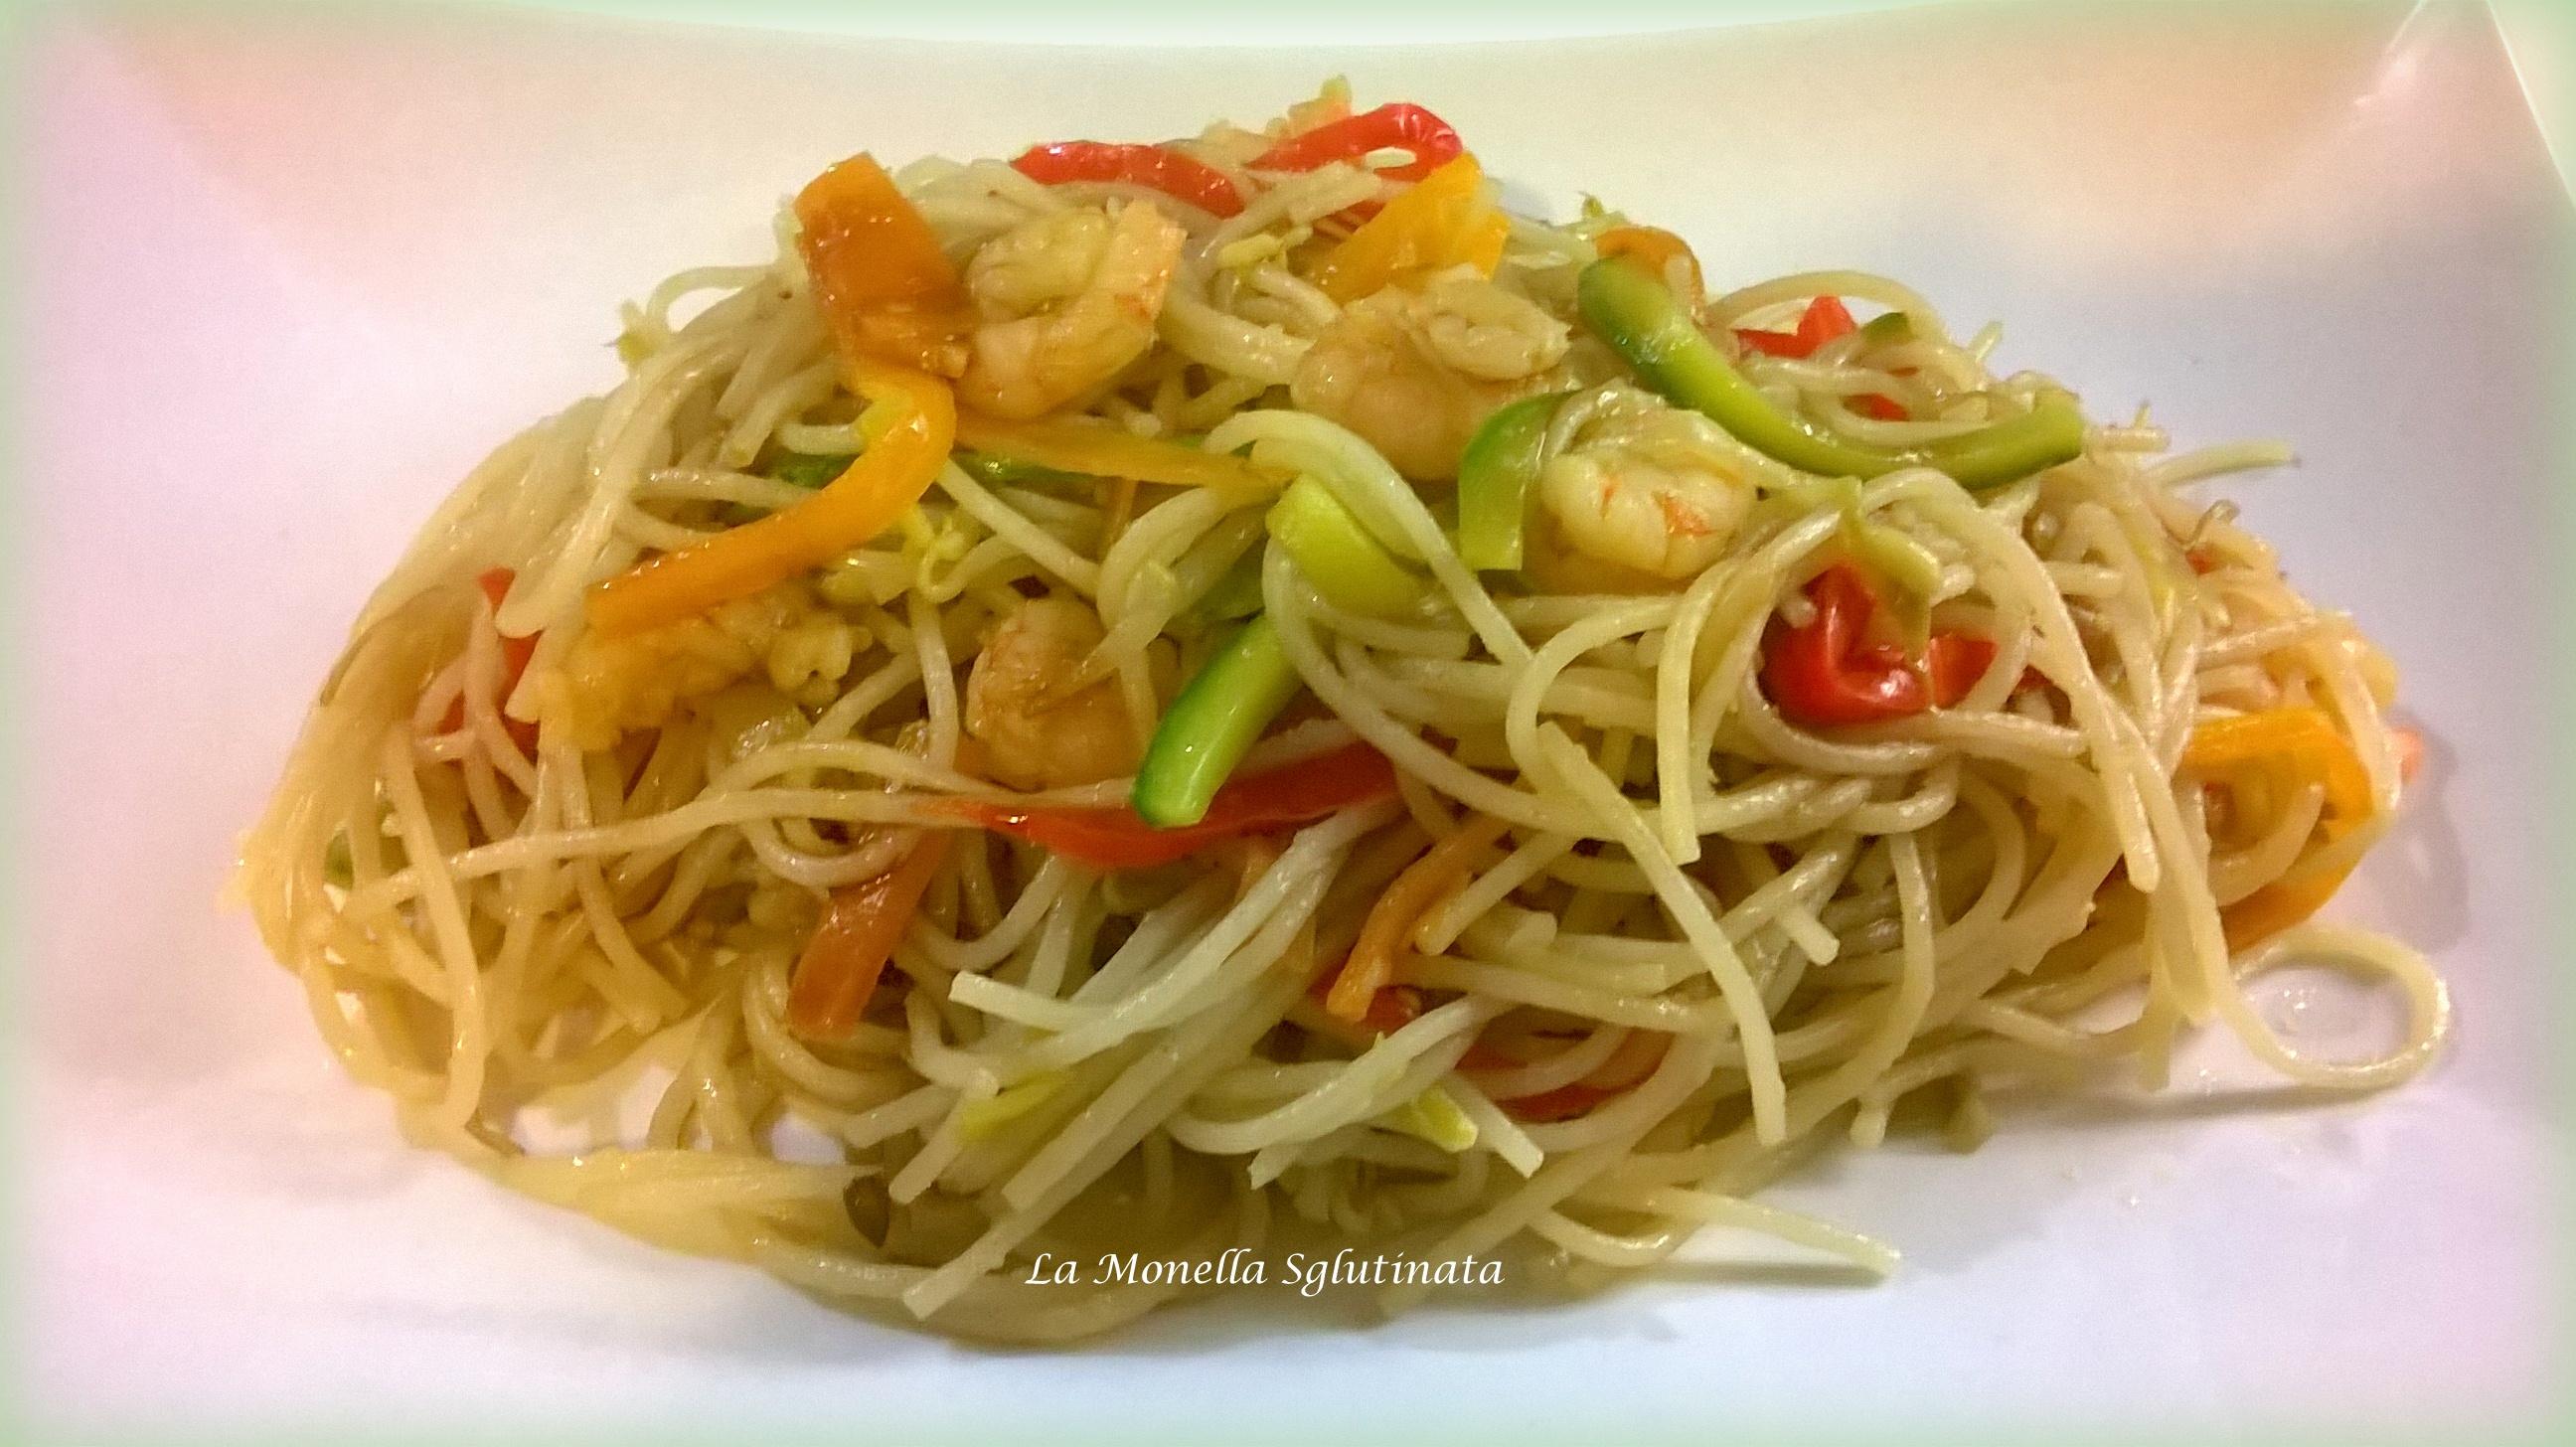 Spaghetti di riso basmati integrale con verdurine